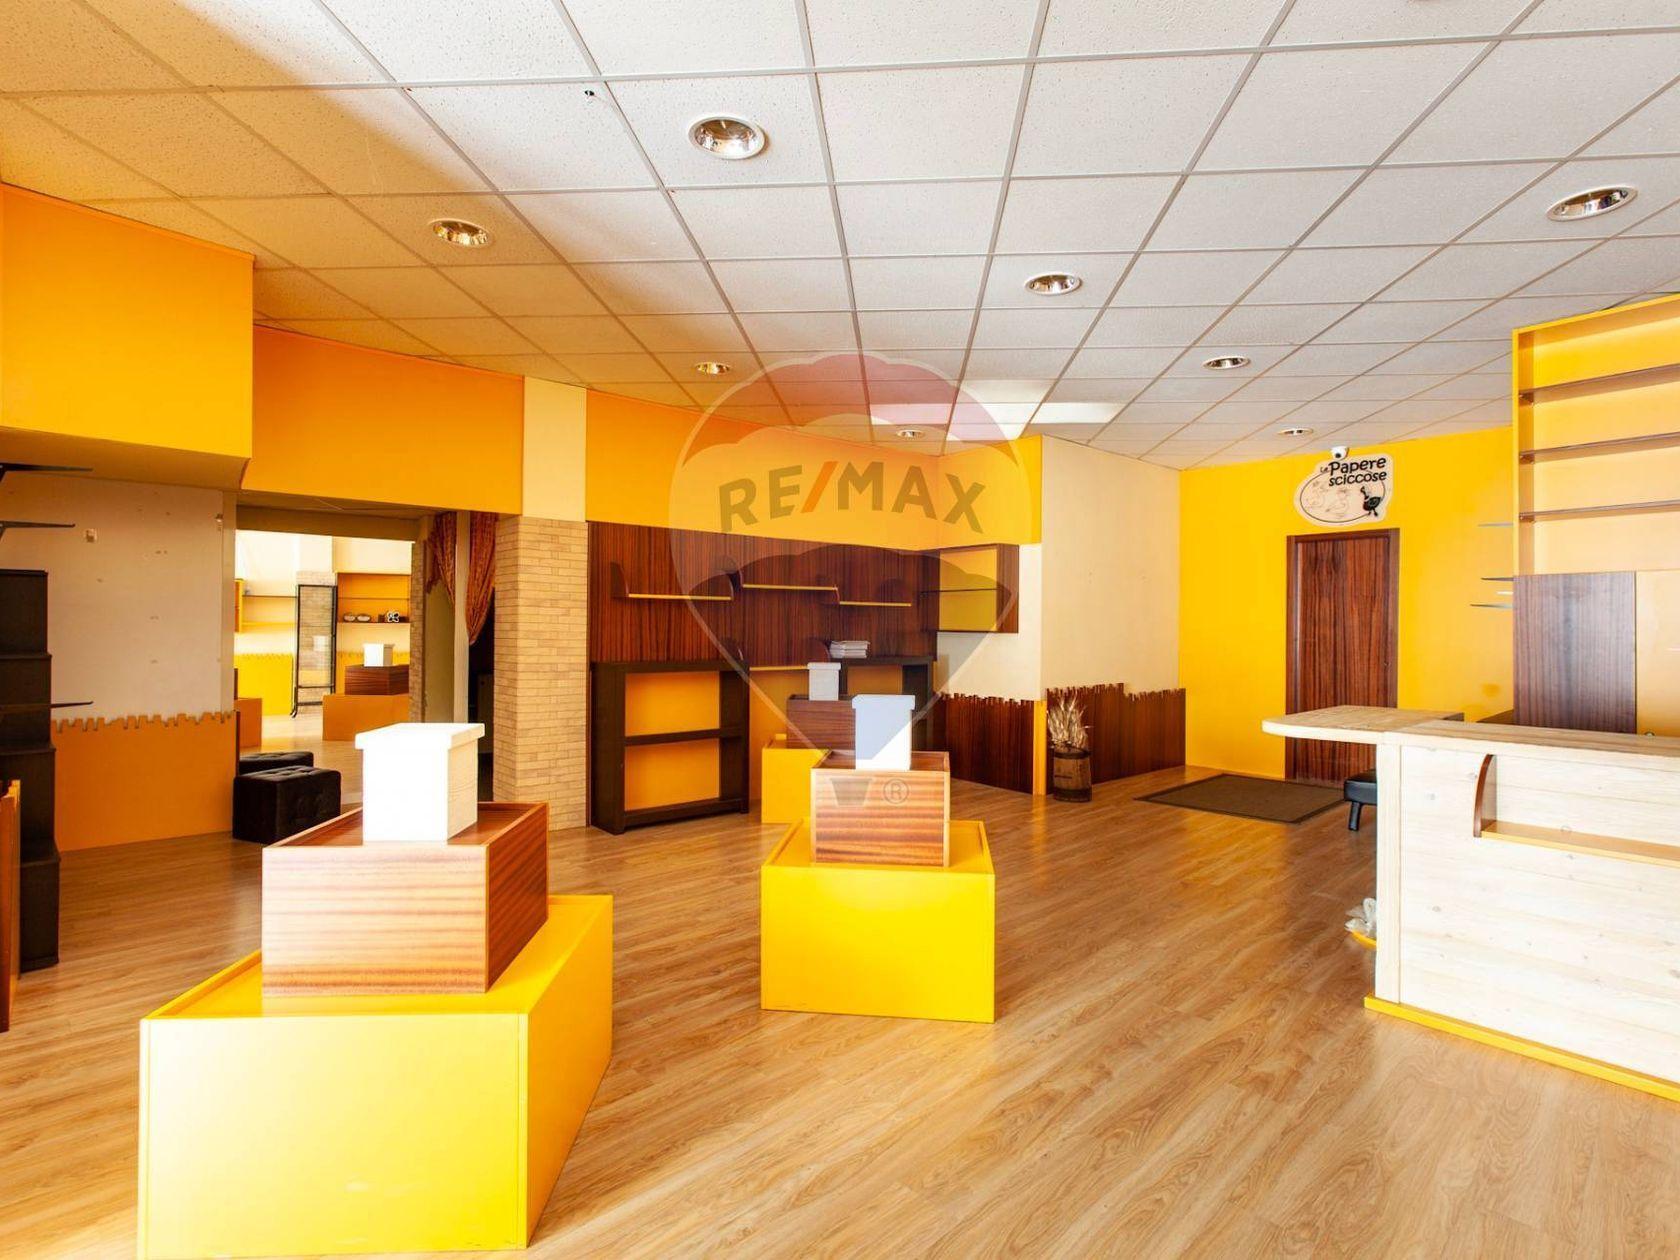 Locale Commerciale Zona Centro, Quartu Sant'Elena, CA Vendita - Foto 5